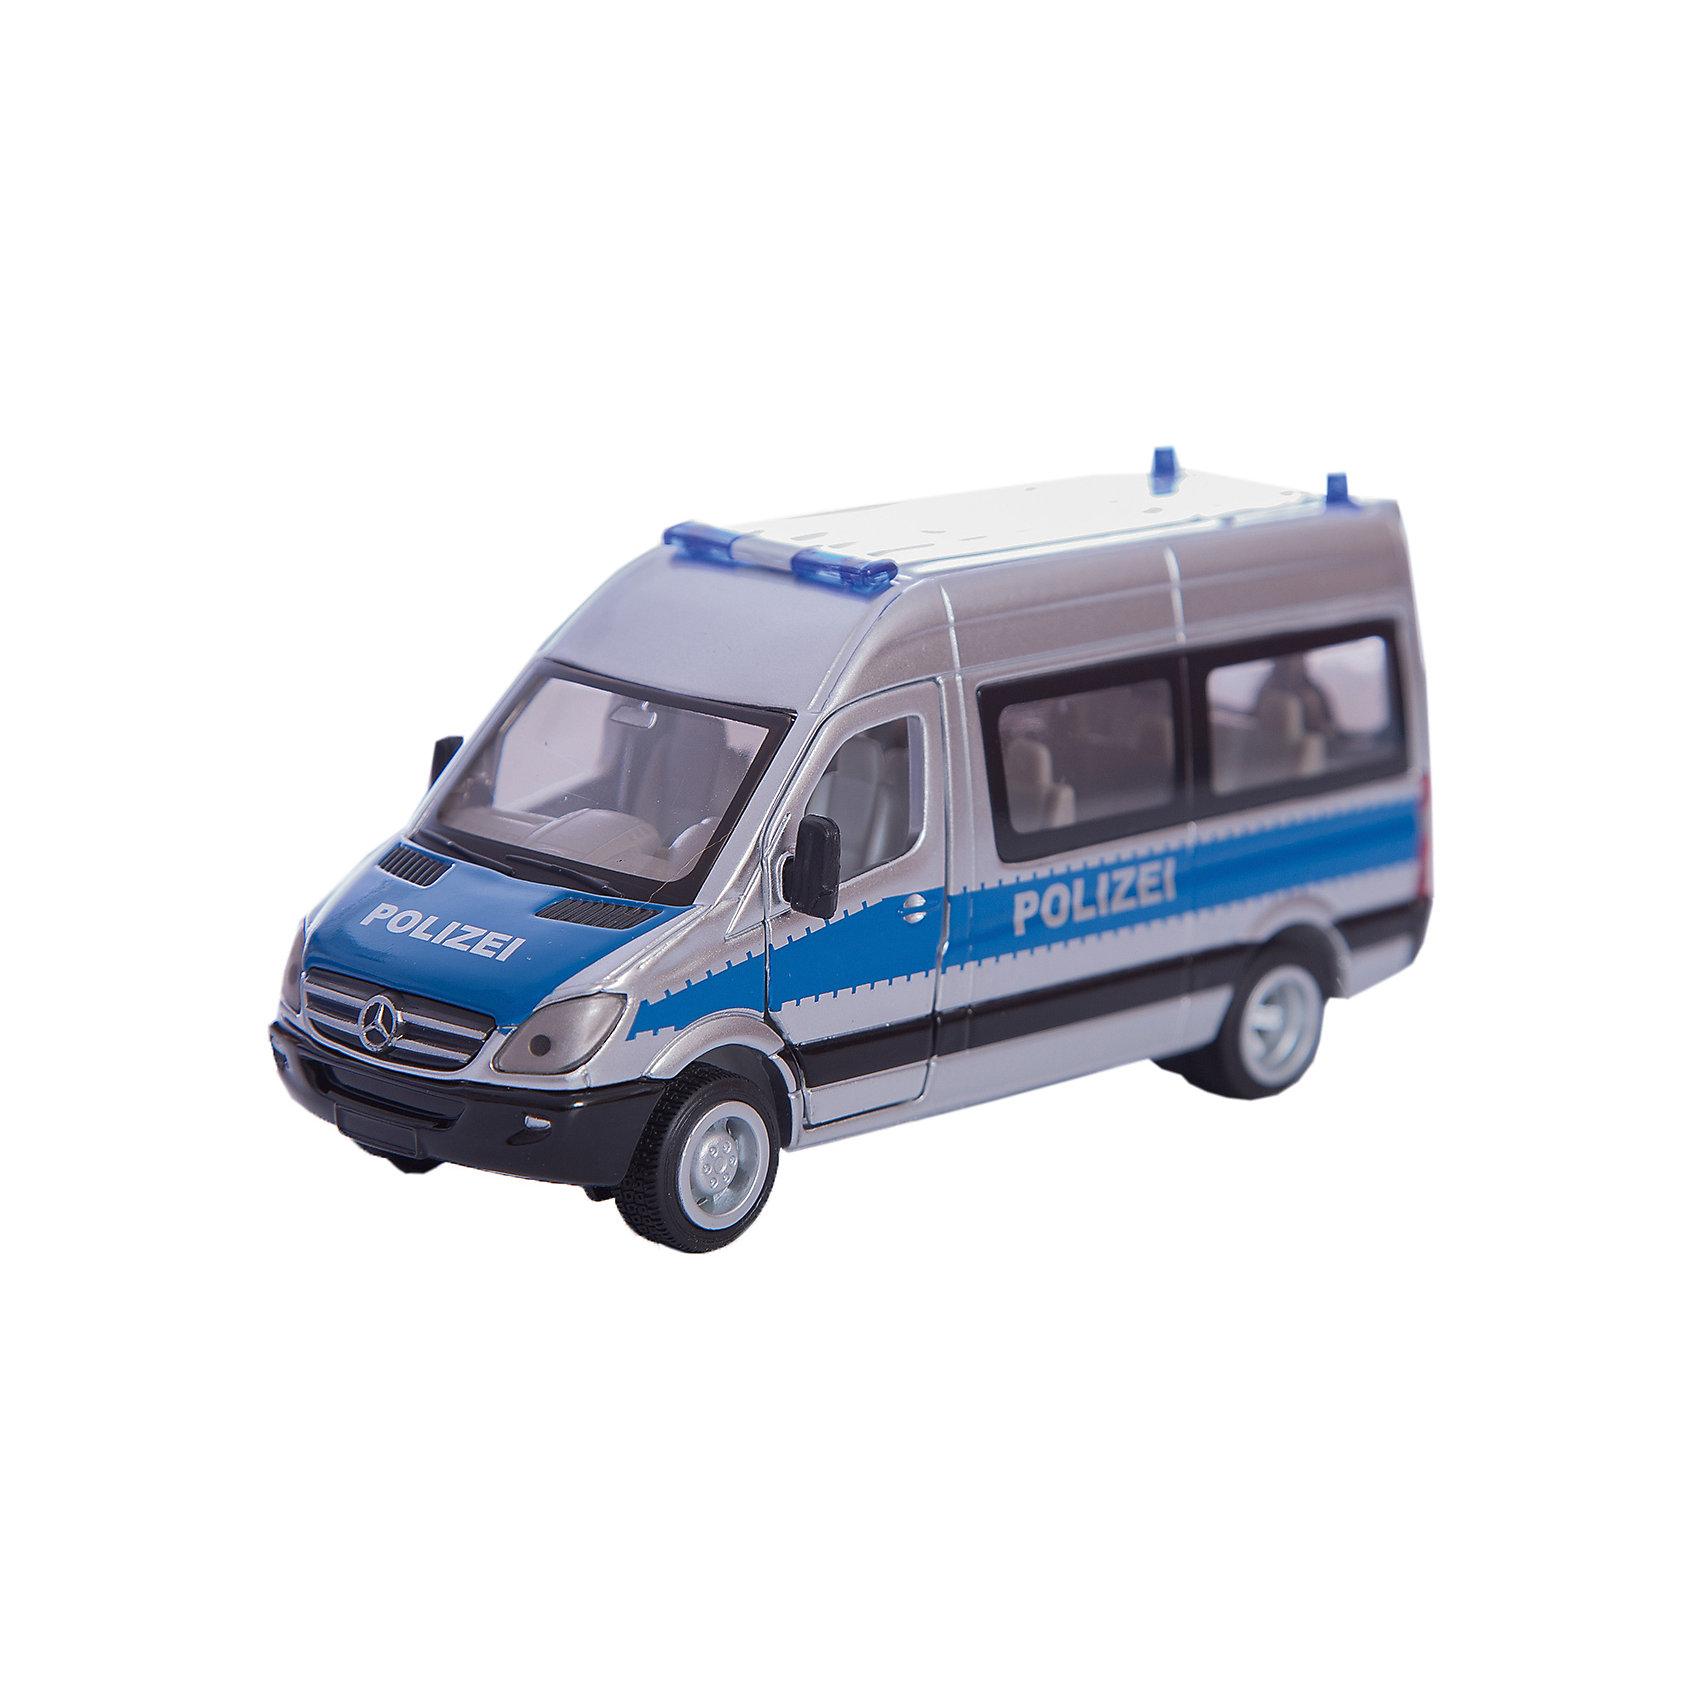 SIKU SIKU 2313 Полицейский микроавтобус 1:50 как и где купить микроавтобус